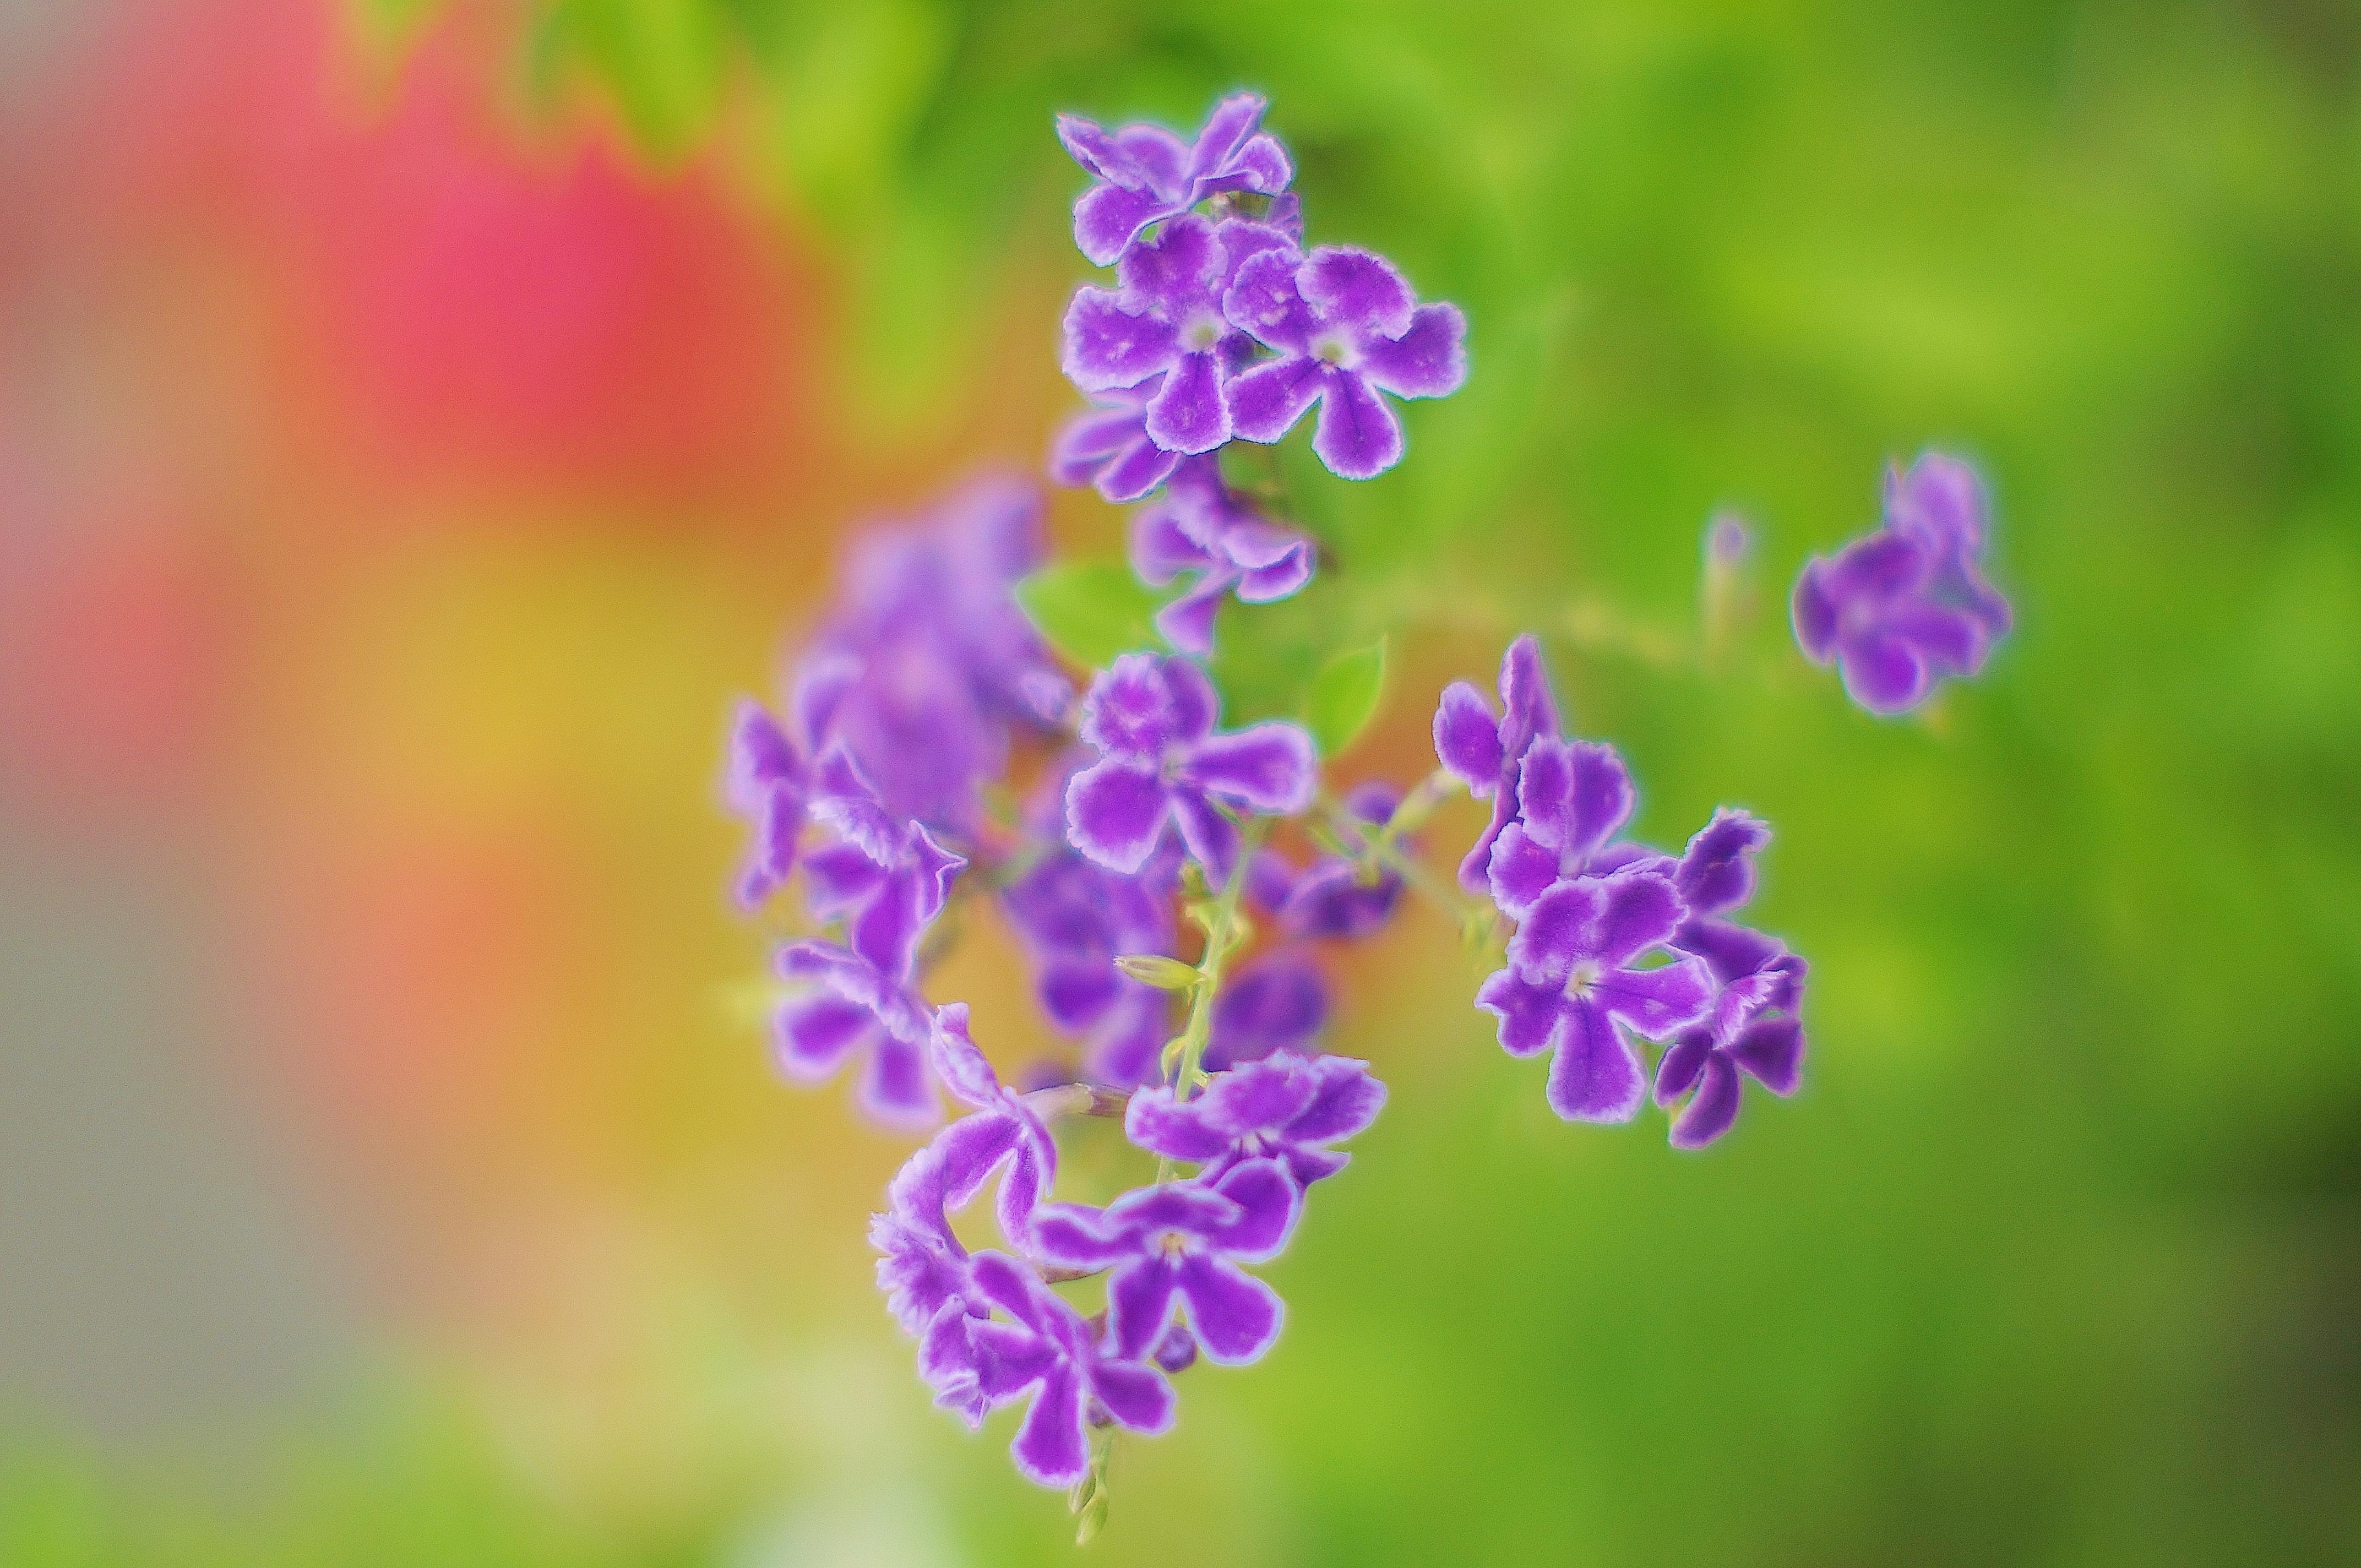 Hình nền : Nhật Bản, vườn, Hoa oải hương, Cây cỏ, thực vật ...